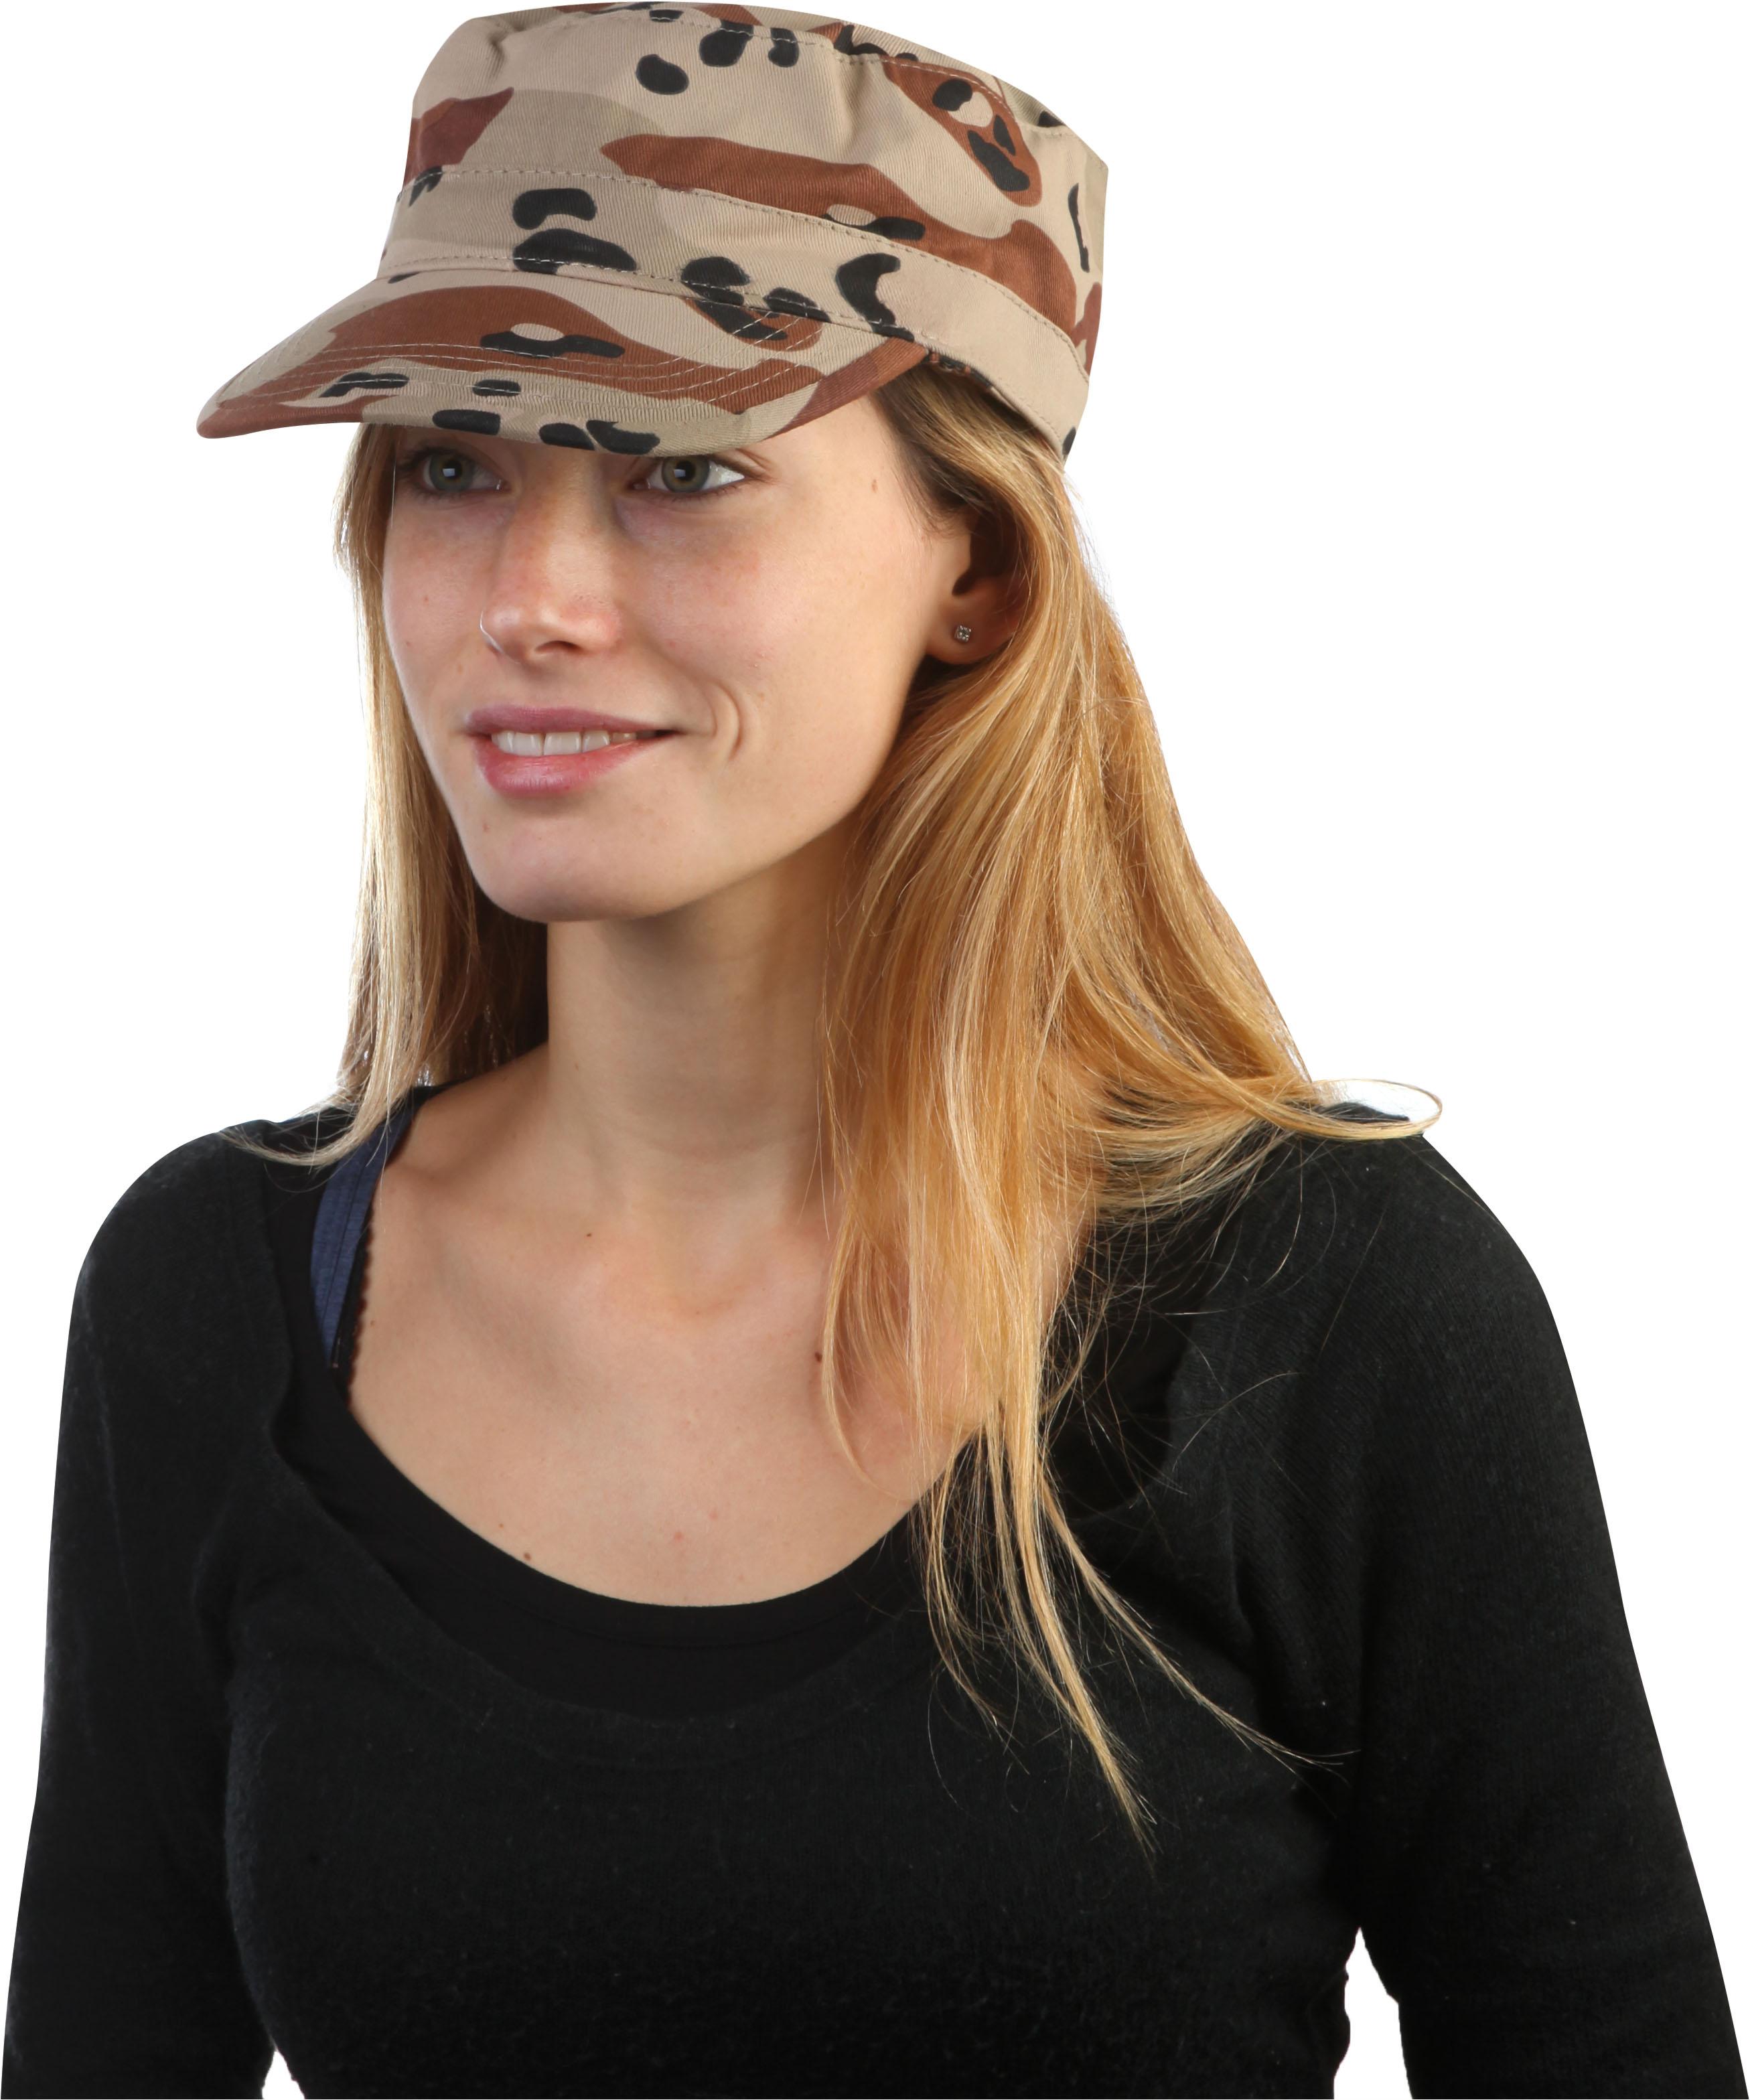 cappellino-militare-concerti